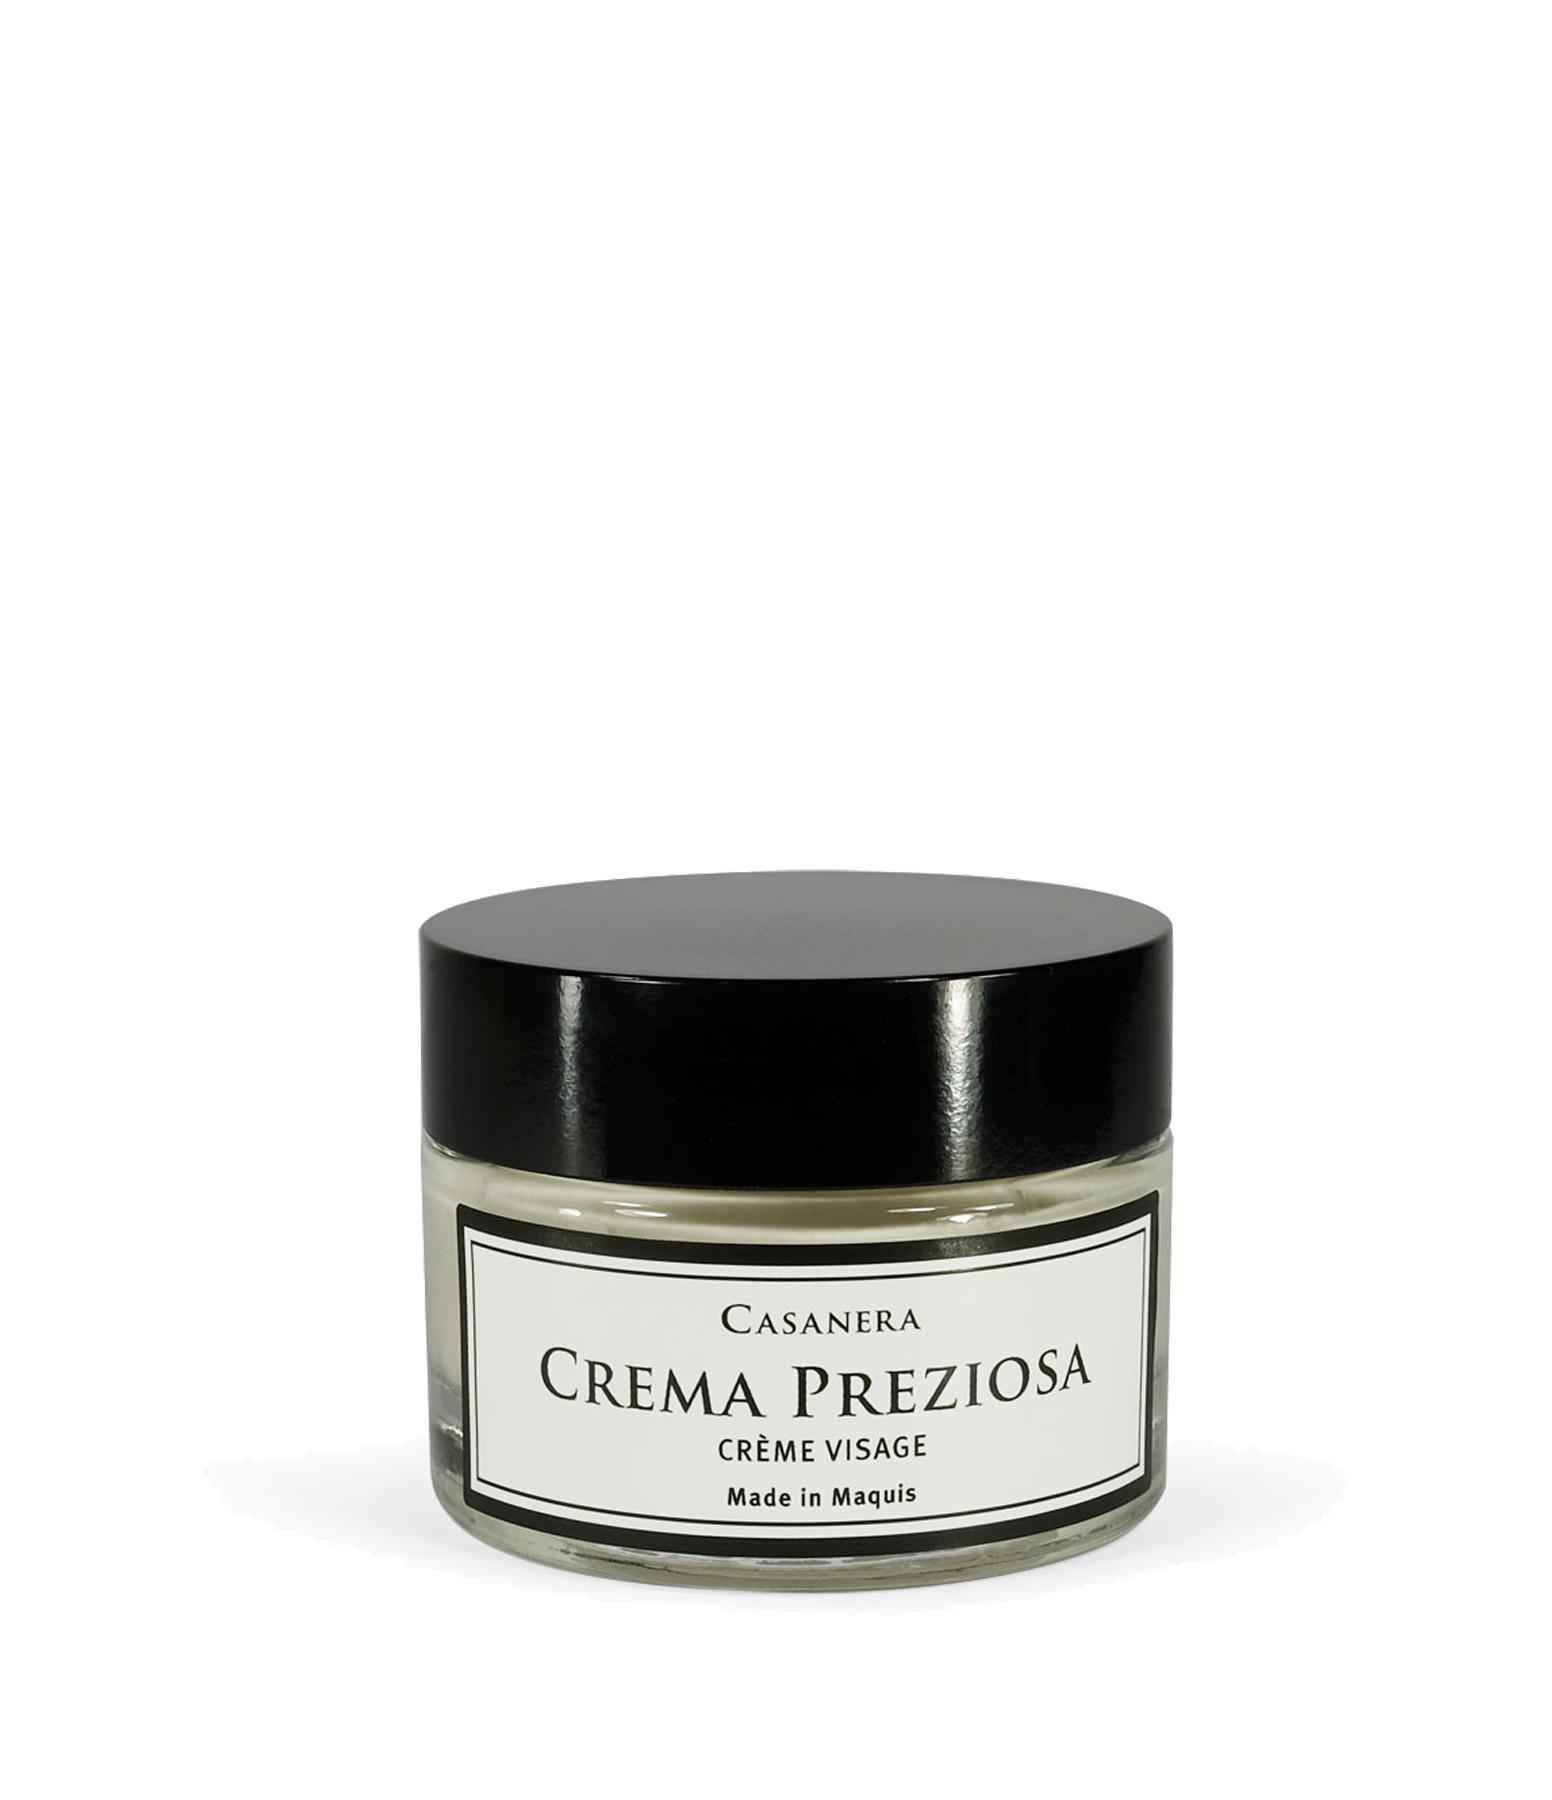 CASANERA - Crème Visage Anti-rides Preziosa 50ml